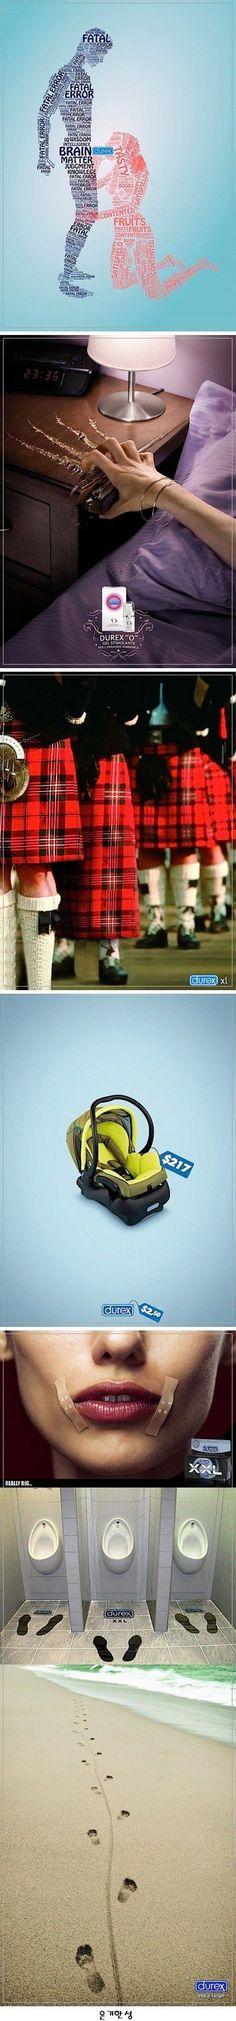 CREATIVE DUREX CONDOM ADS